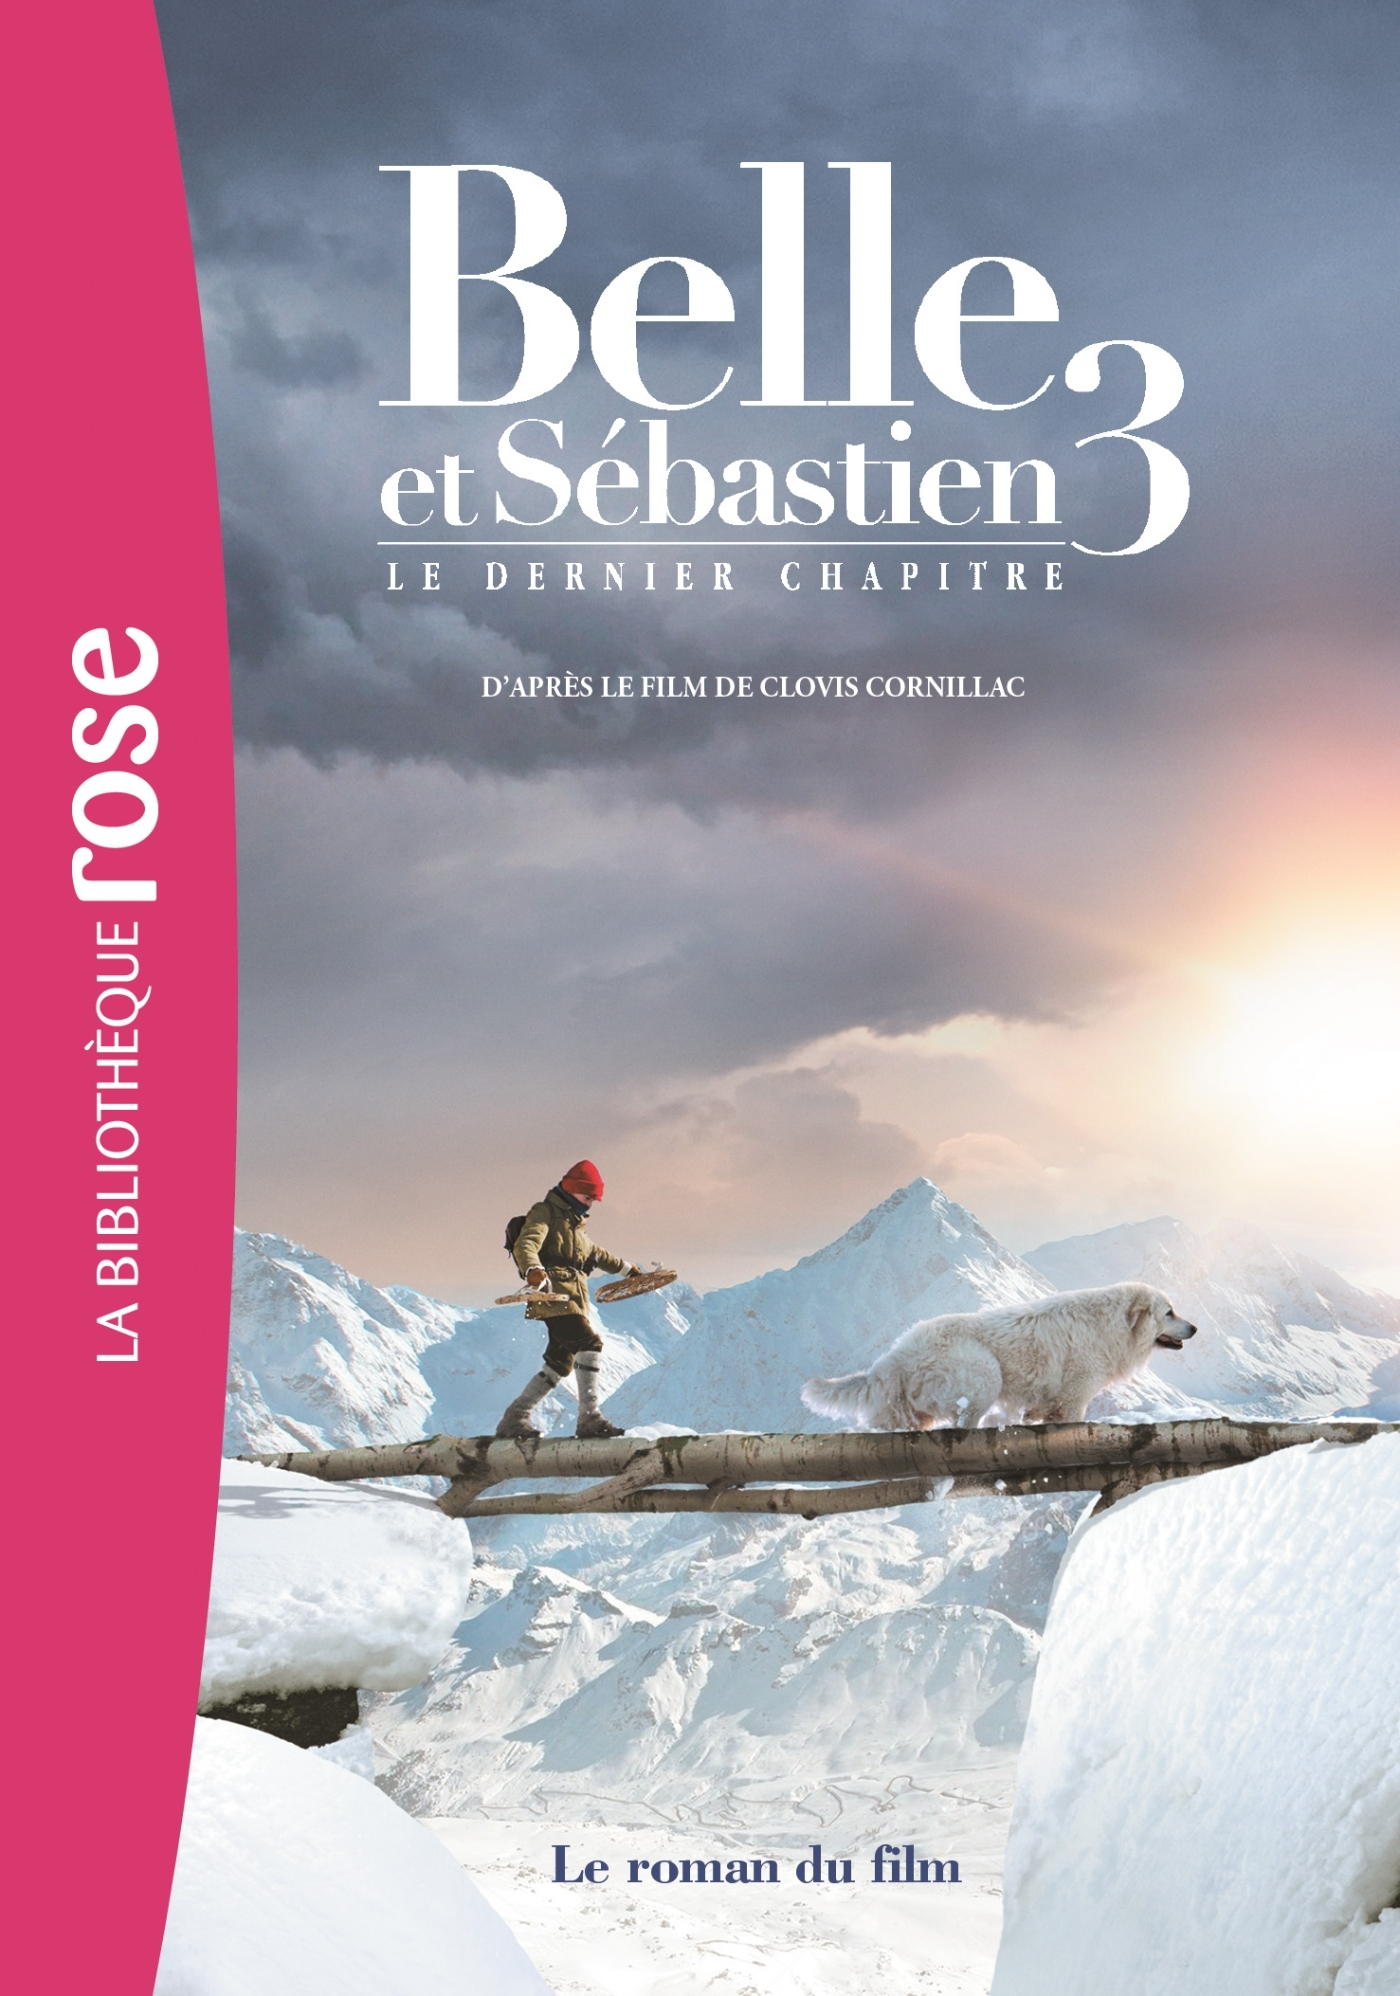 BELLE ET SEBASTIEN 3 - LE ROMAN DU FILM